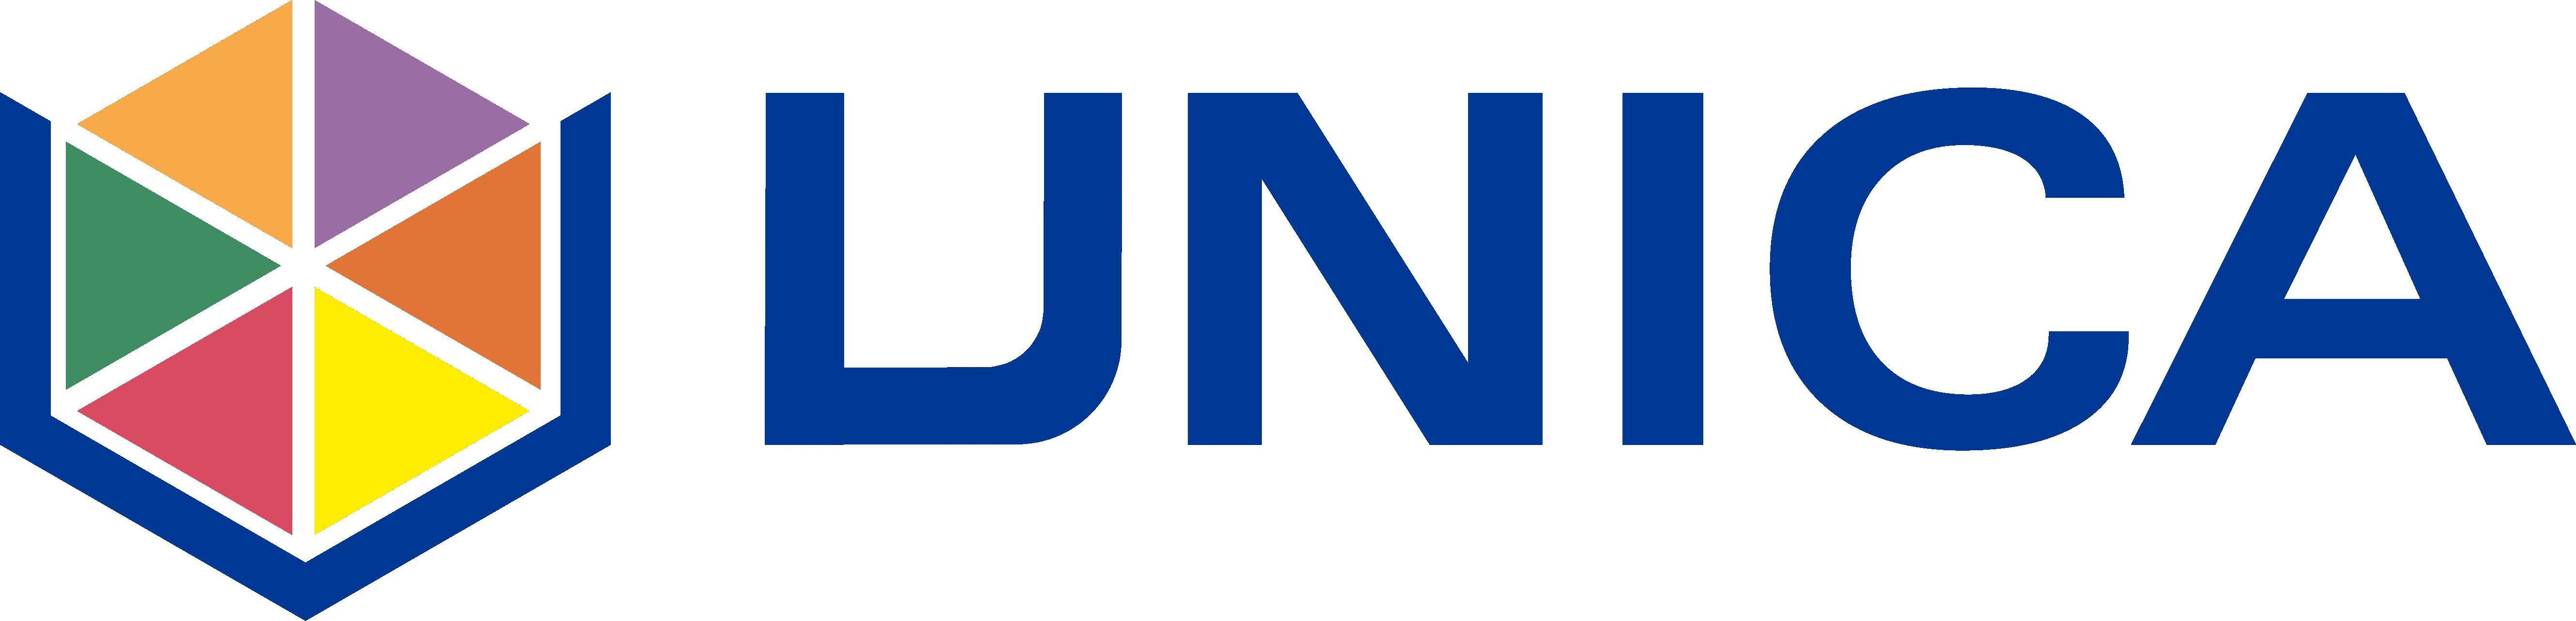 UNICA logo_6colori